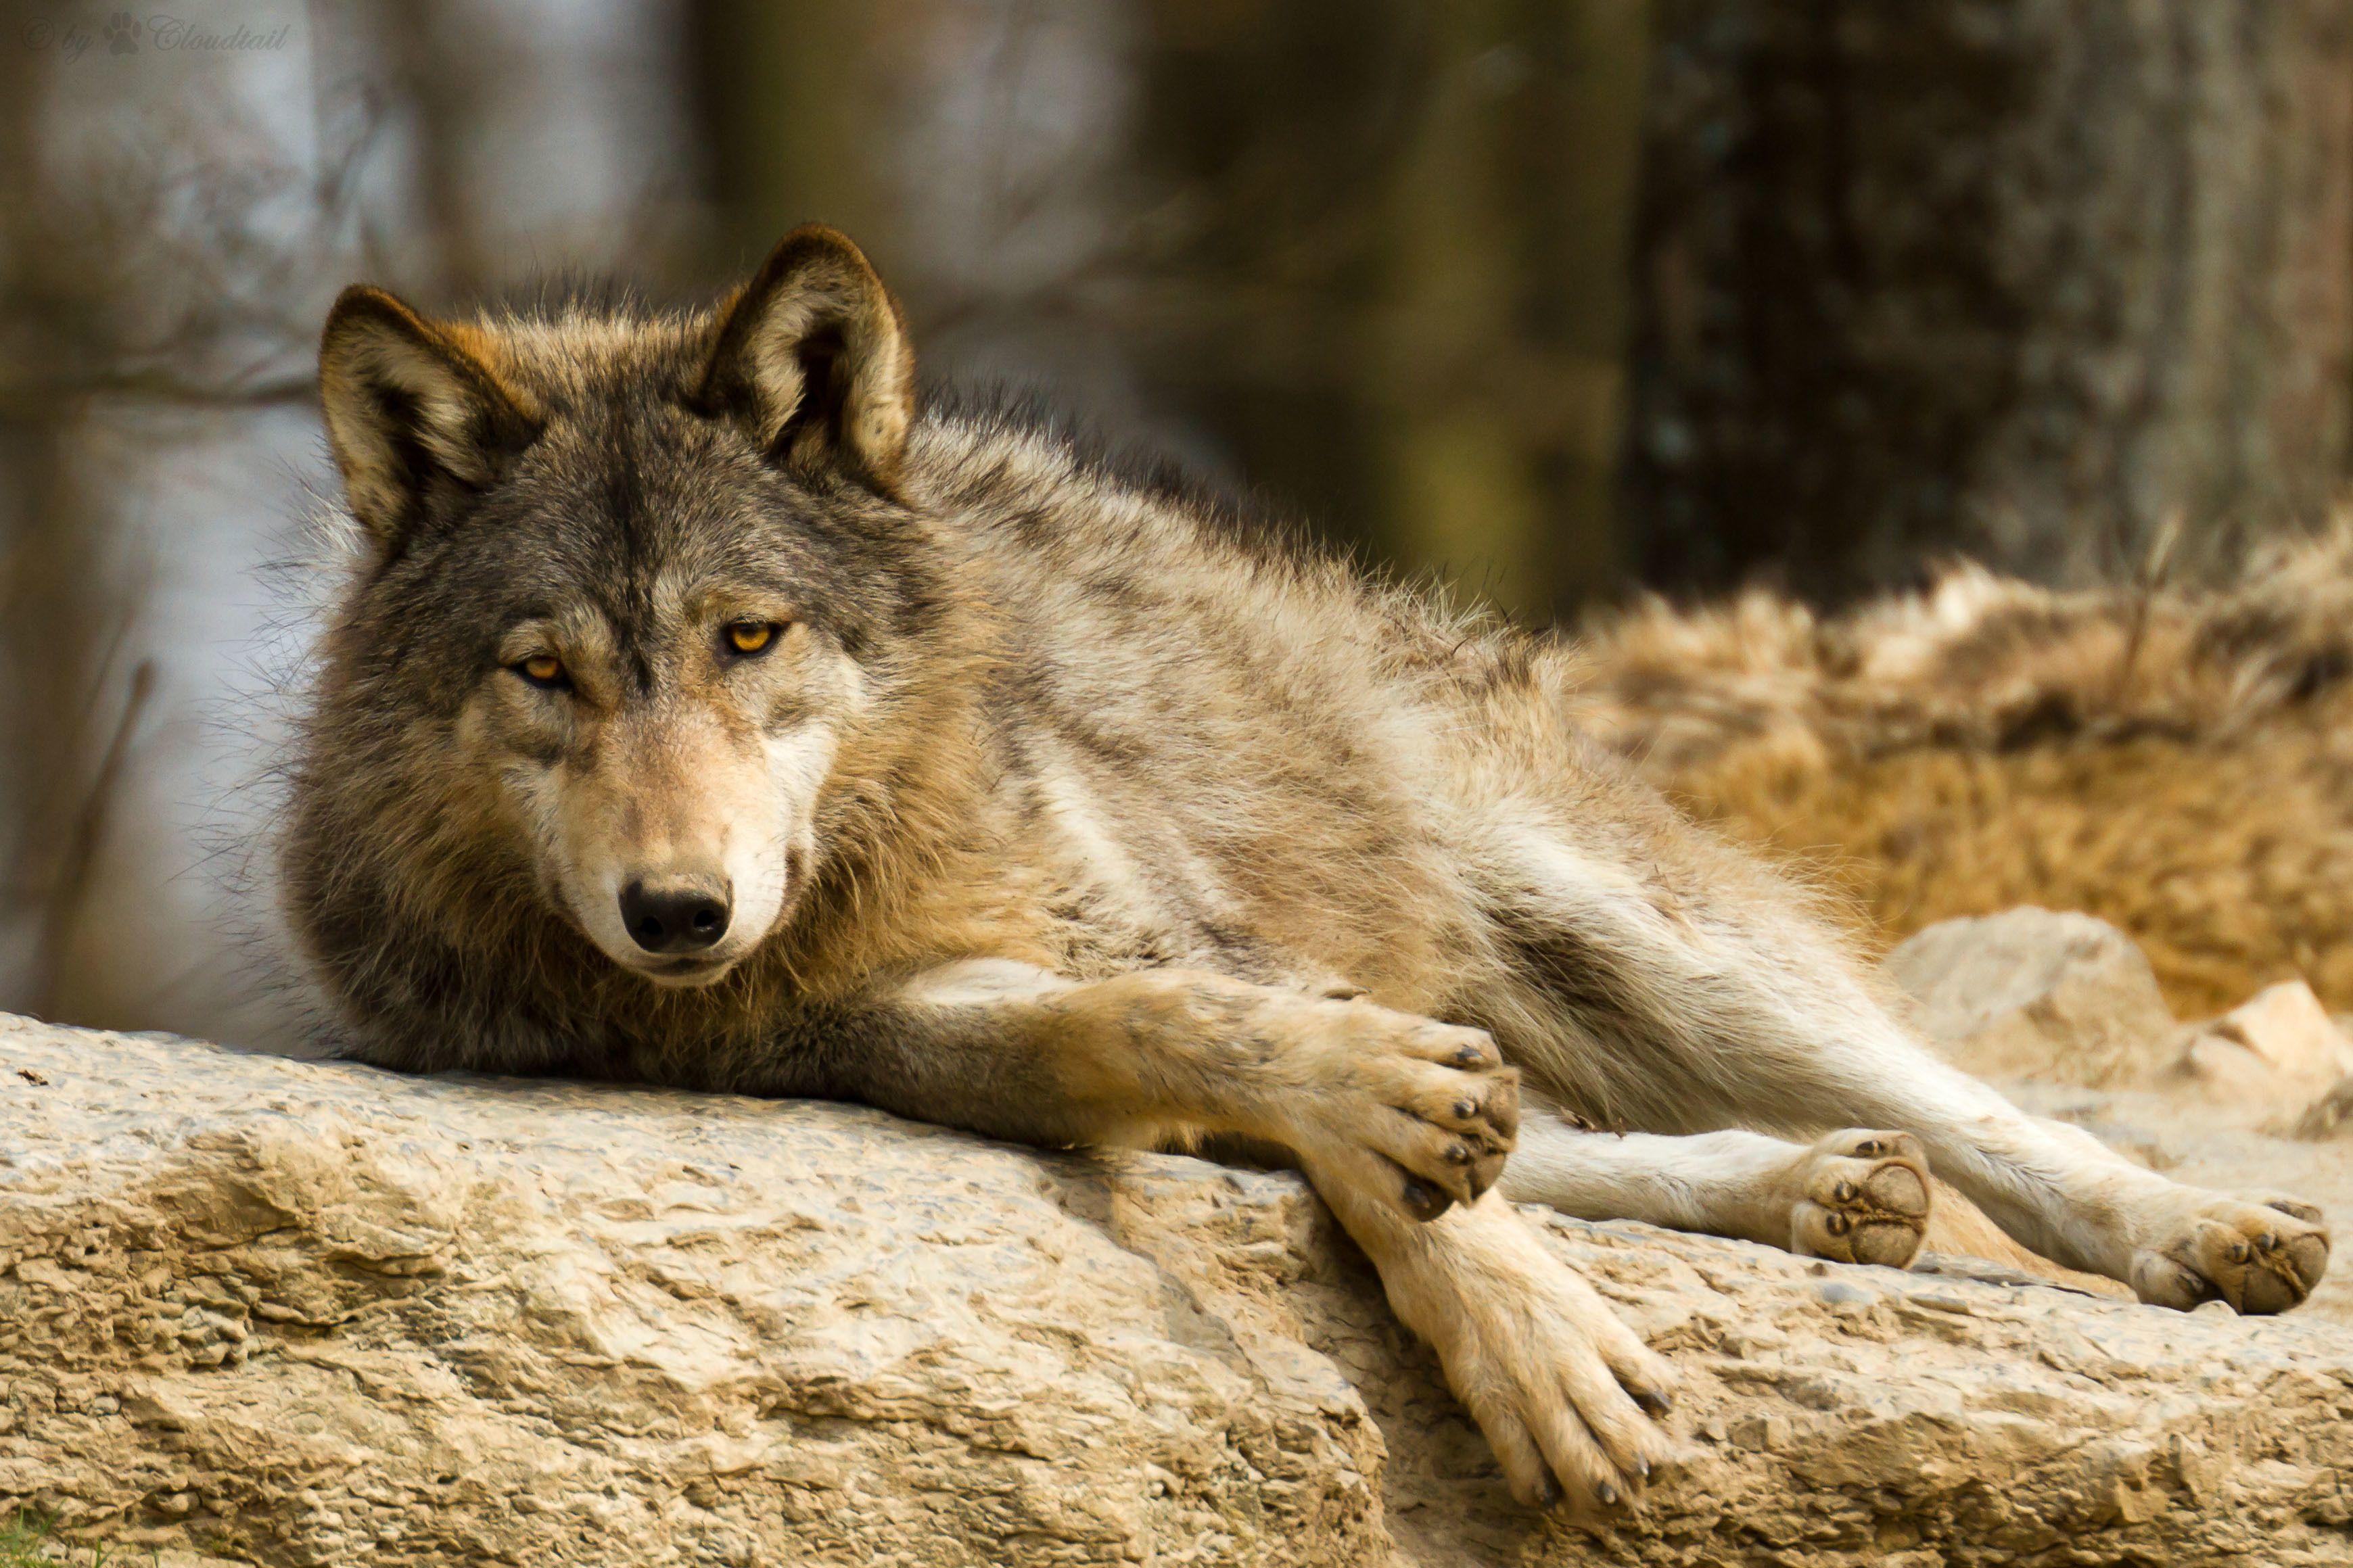 эффективной картинки фото волков в картинках последние дни зита